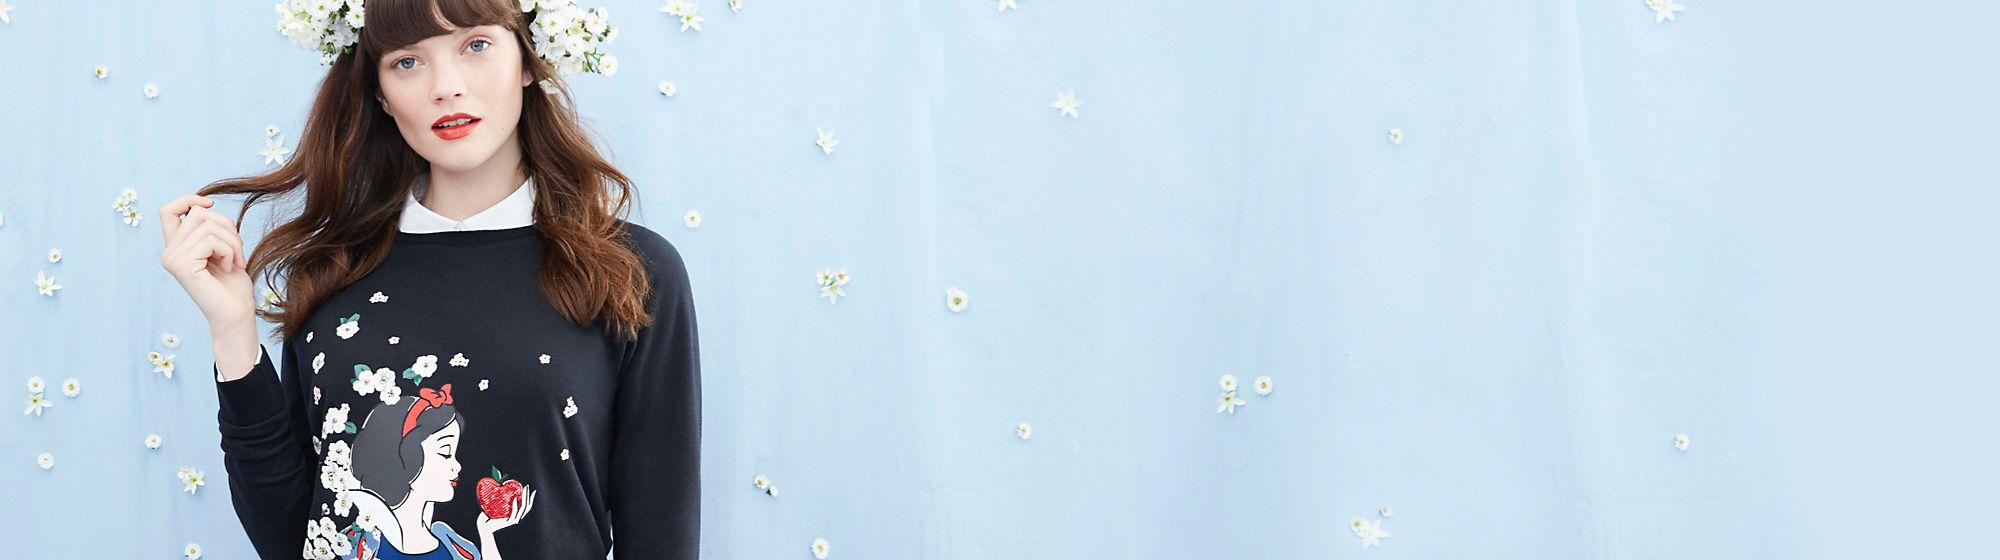 Cath Kidston Fruit de la collaboration Cath Kidston x Disney, voici la merveilleuse collection de vêtements, accessoires, articles de maison et plus. DÉCOUVRIR